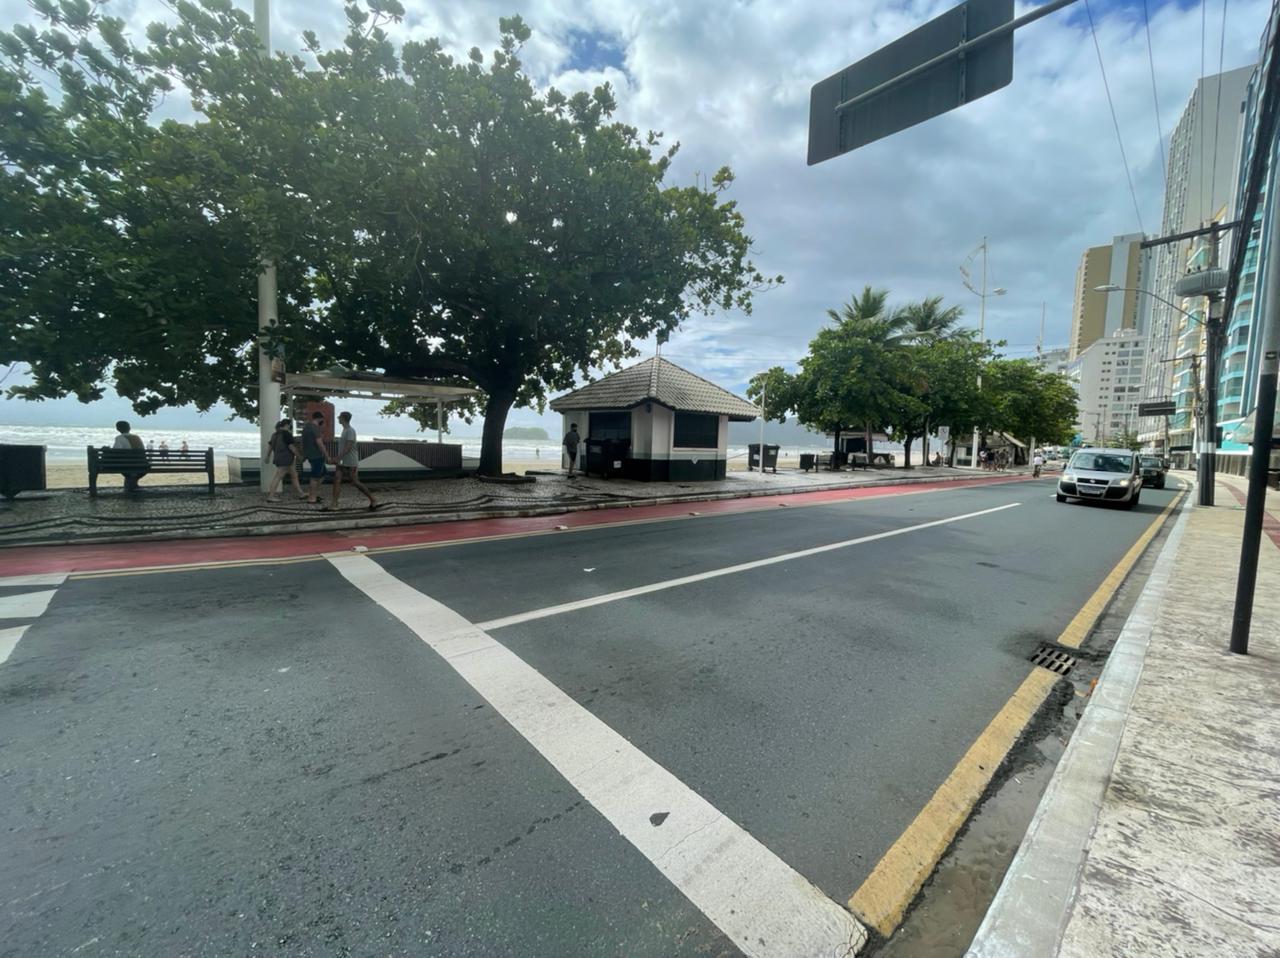 Quiosques e comércios fechados no Centro de Balneário Camboriú neste sábado (27) - Bruna Bertoletti/NDTV